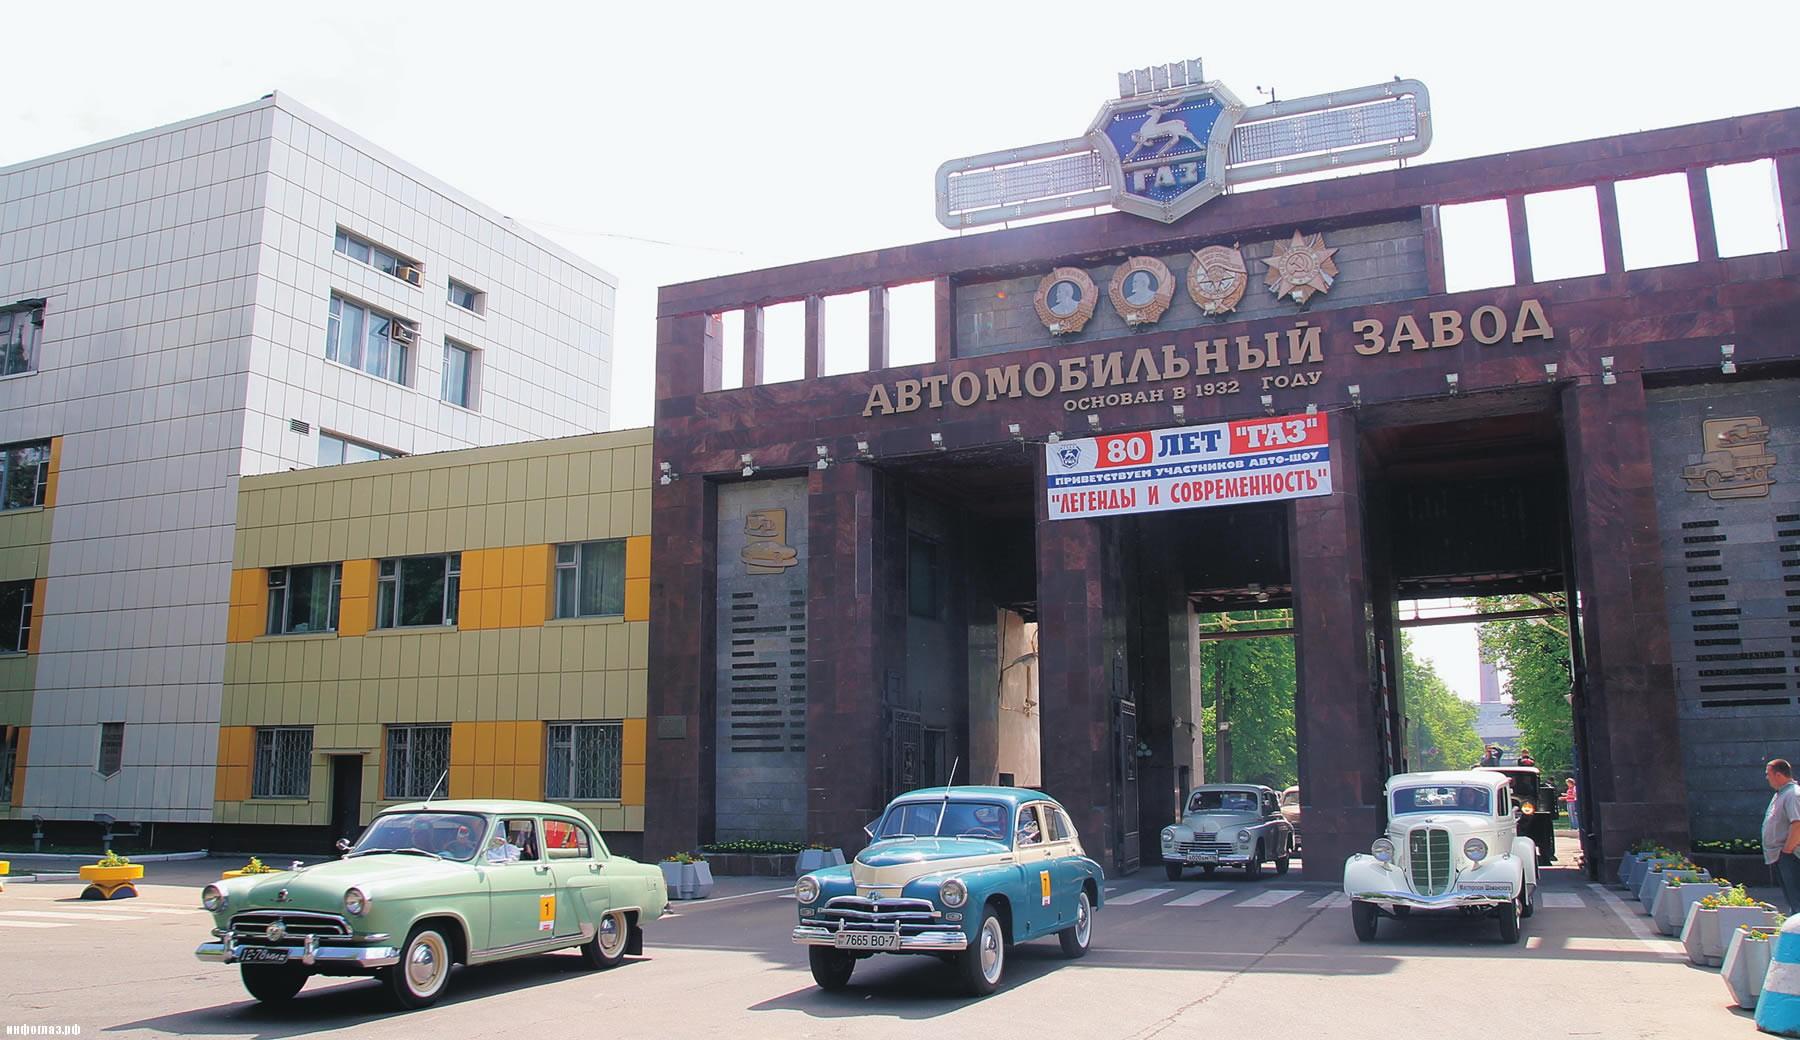 ГАЗ - Советский автопром